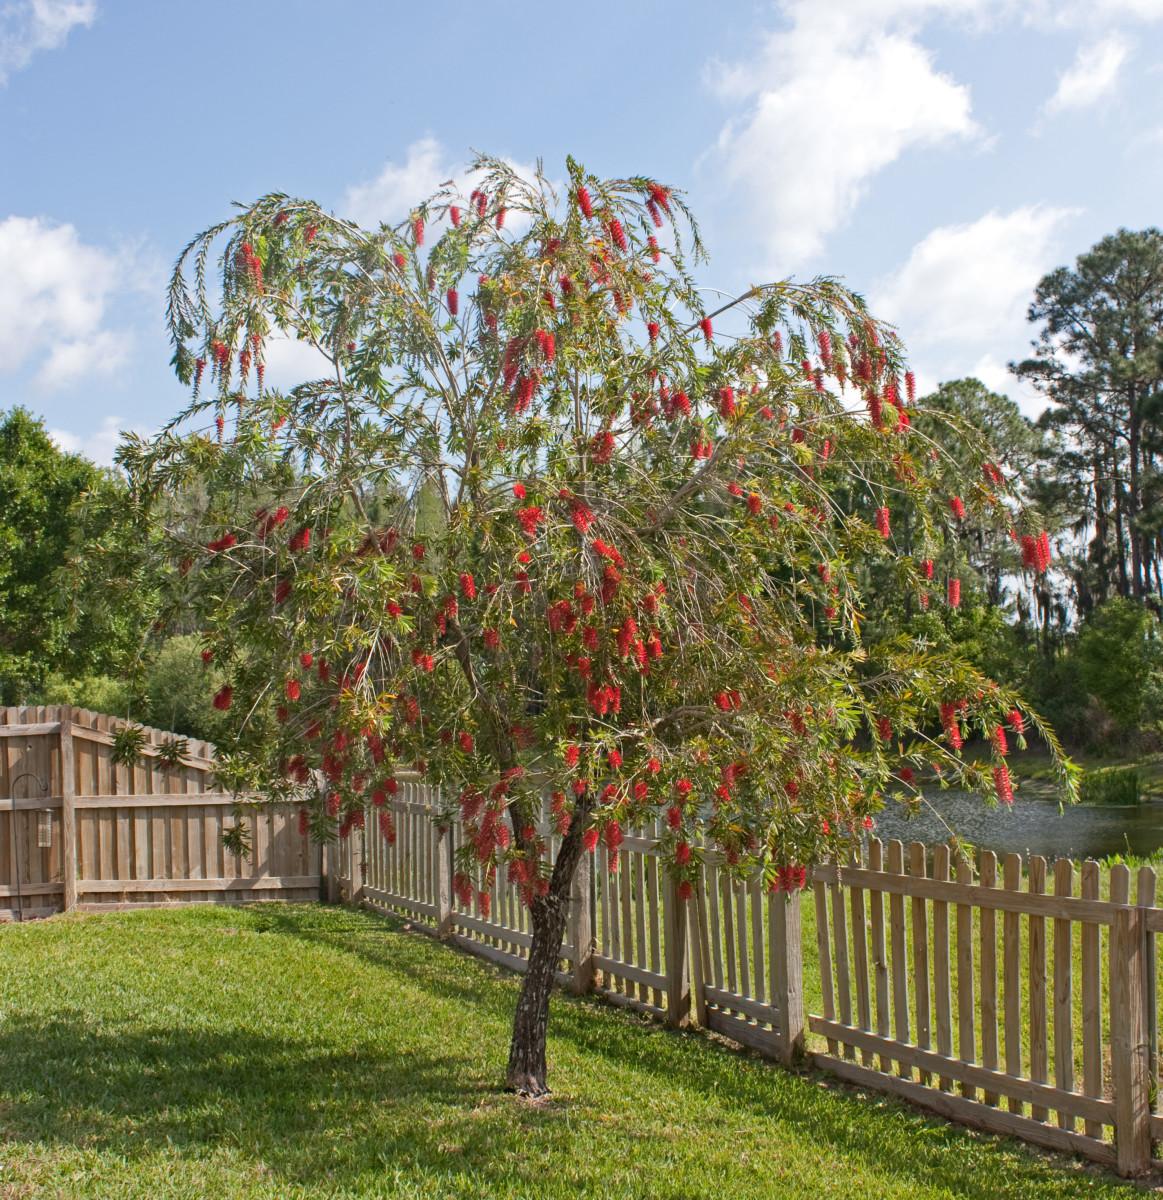 Red Bottlebrush Tree in Florida